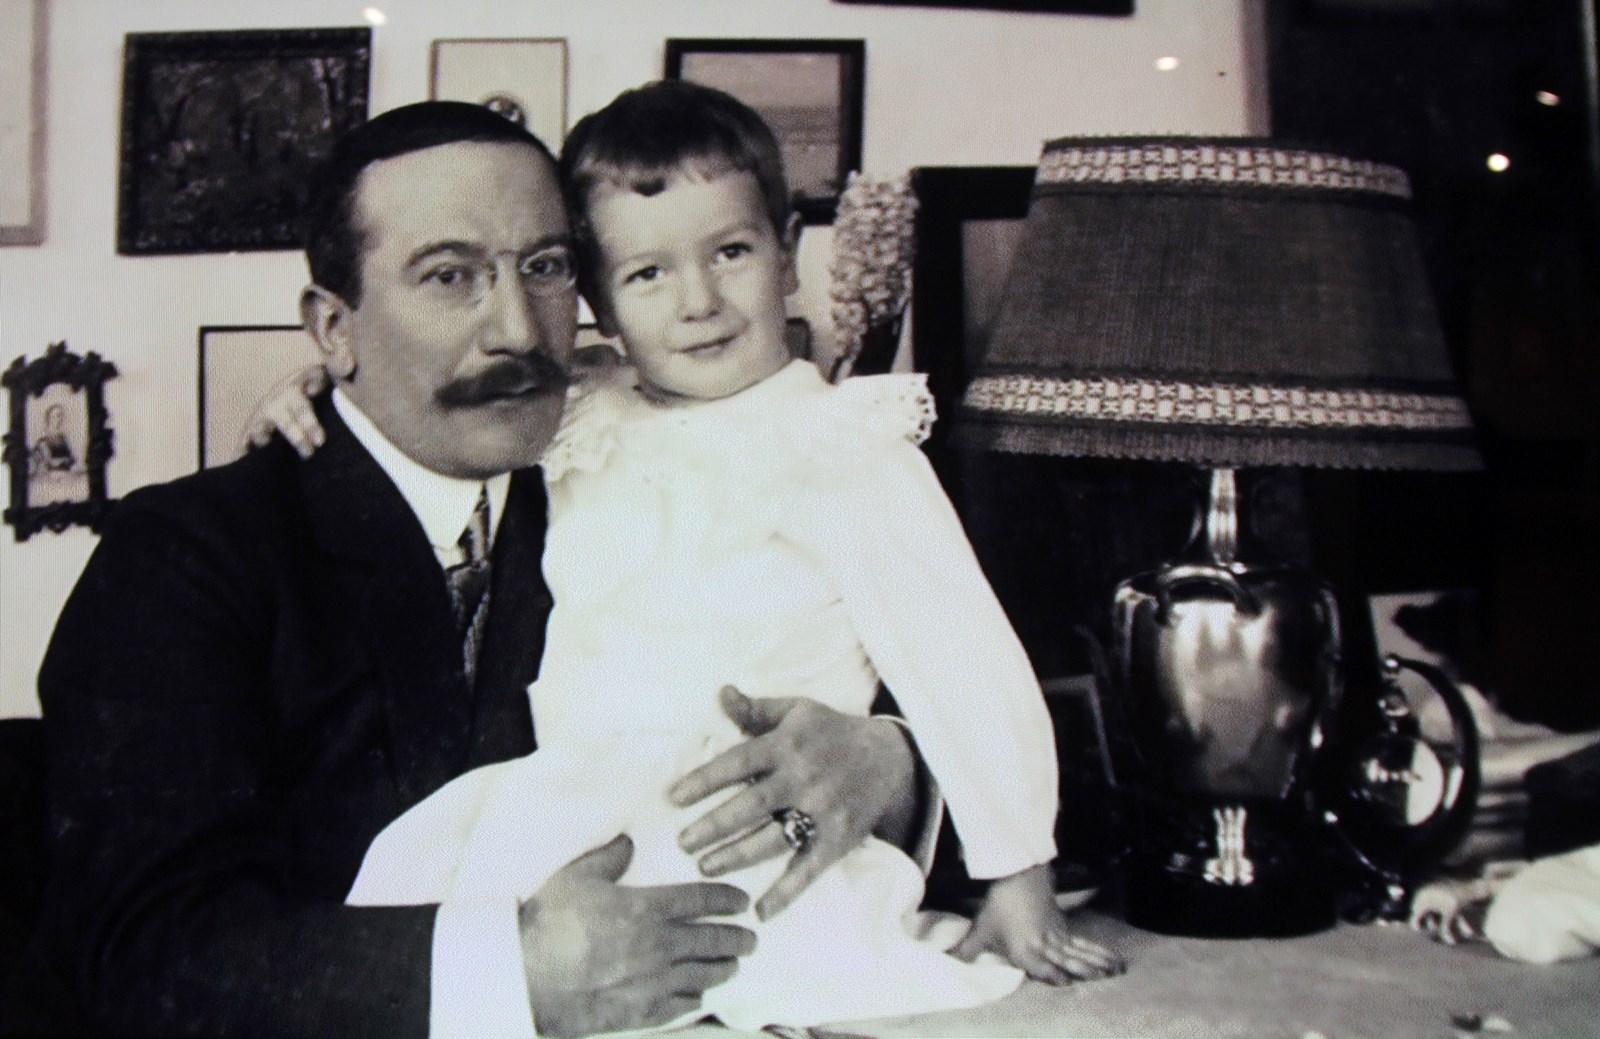 Бакст с сыном Андреем, в браке он был глубоко несчастен